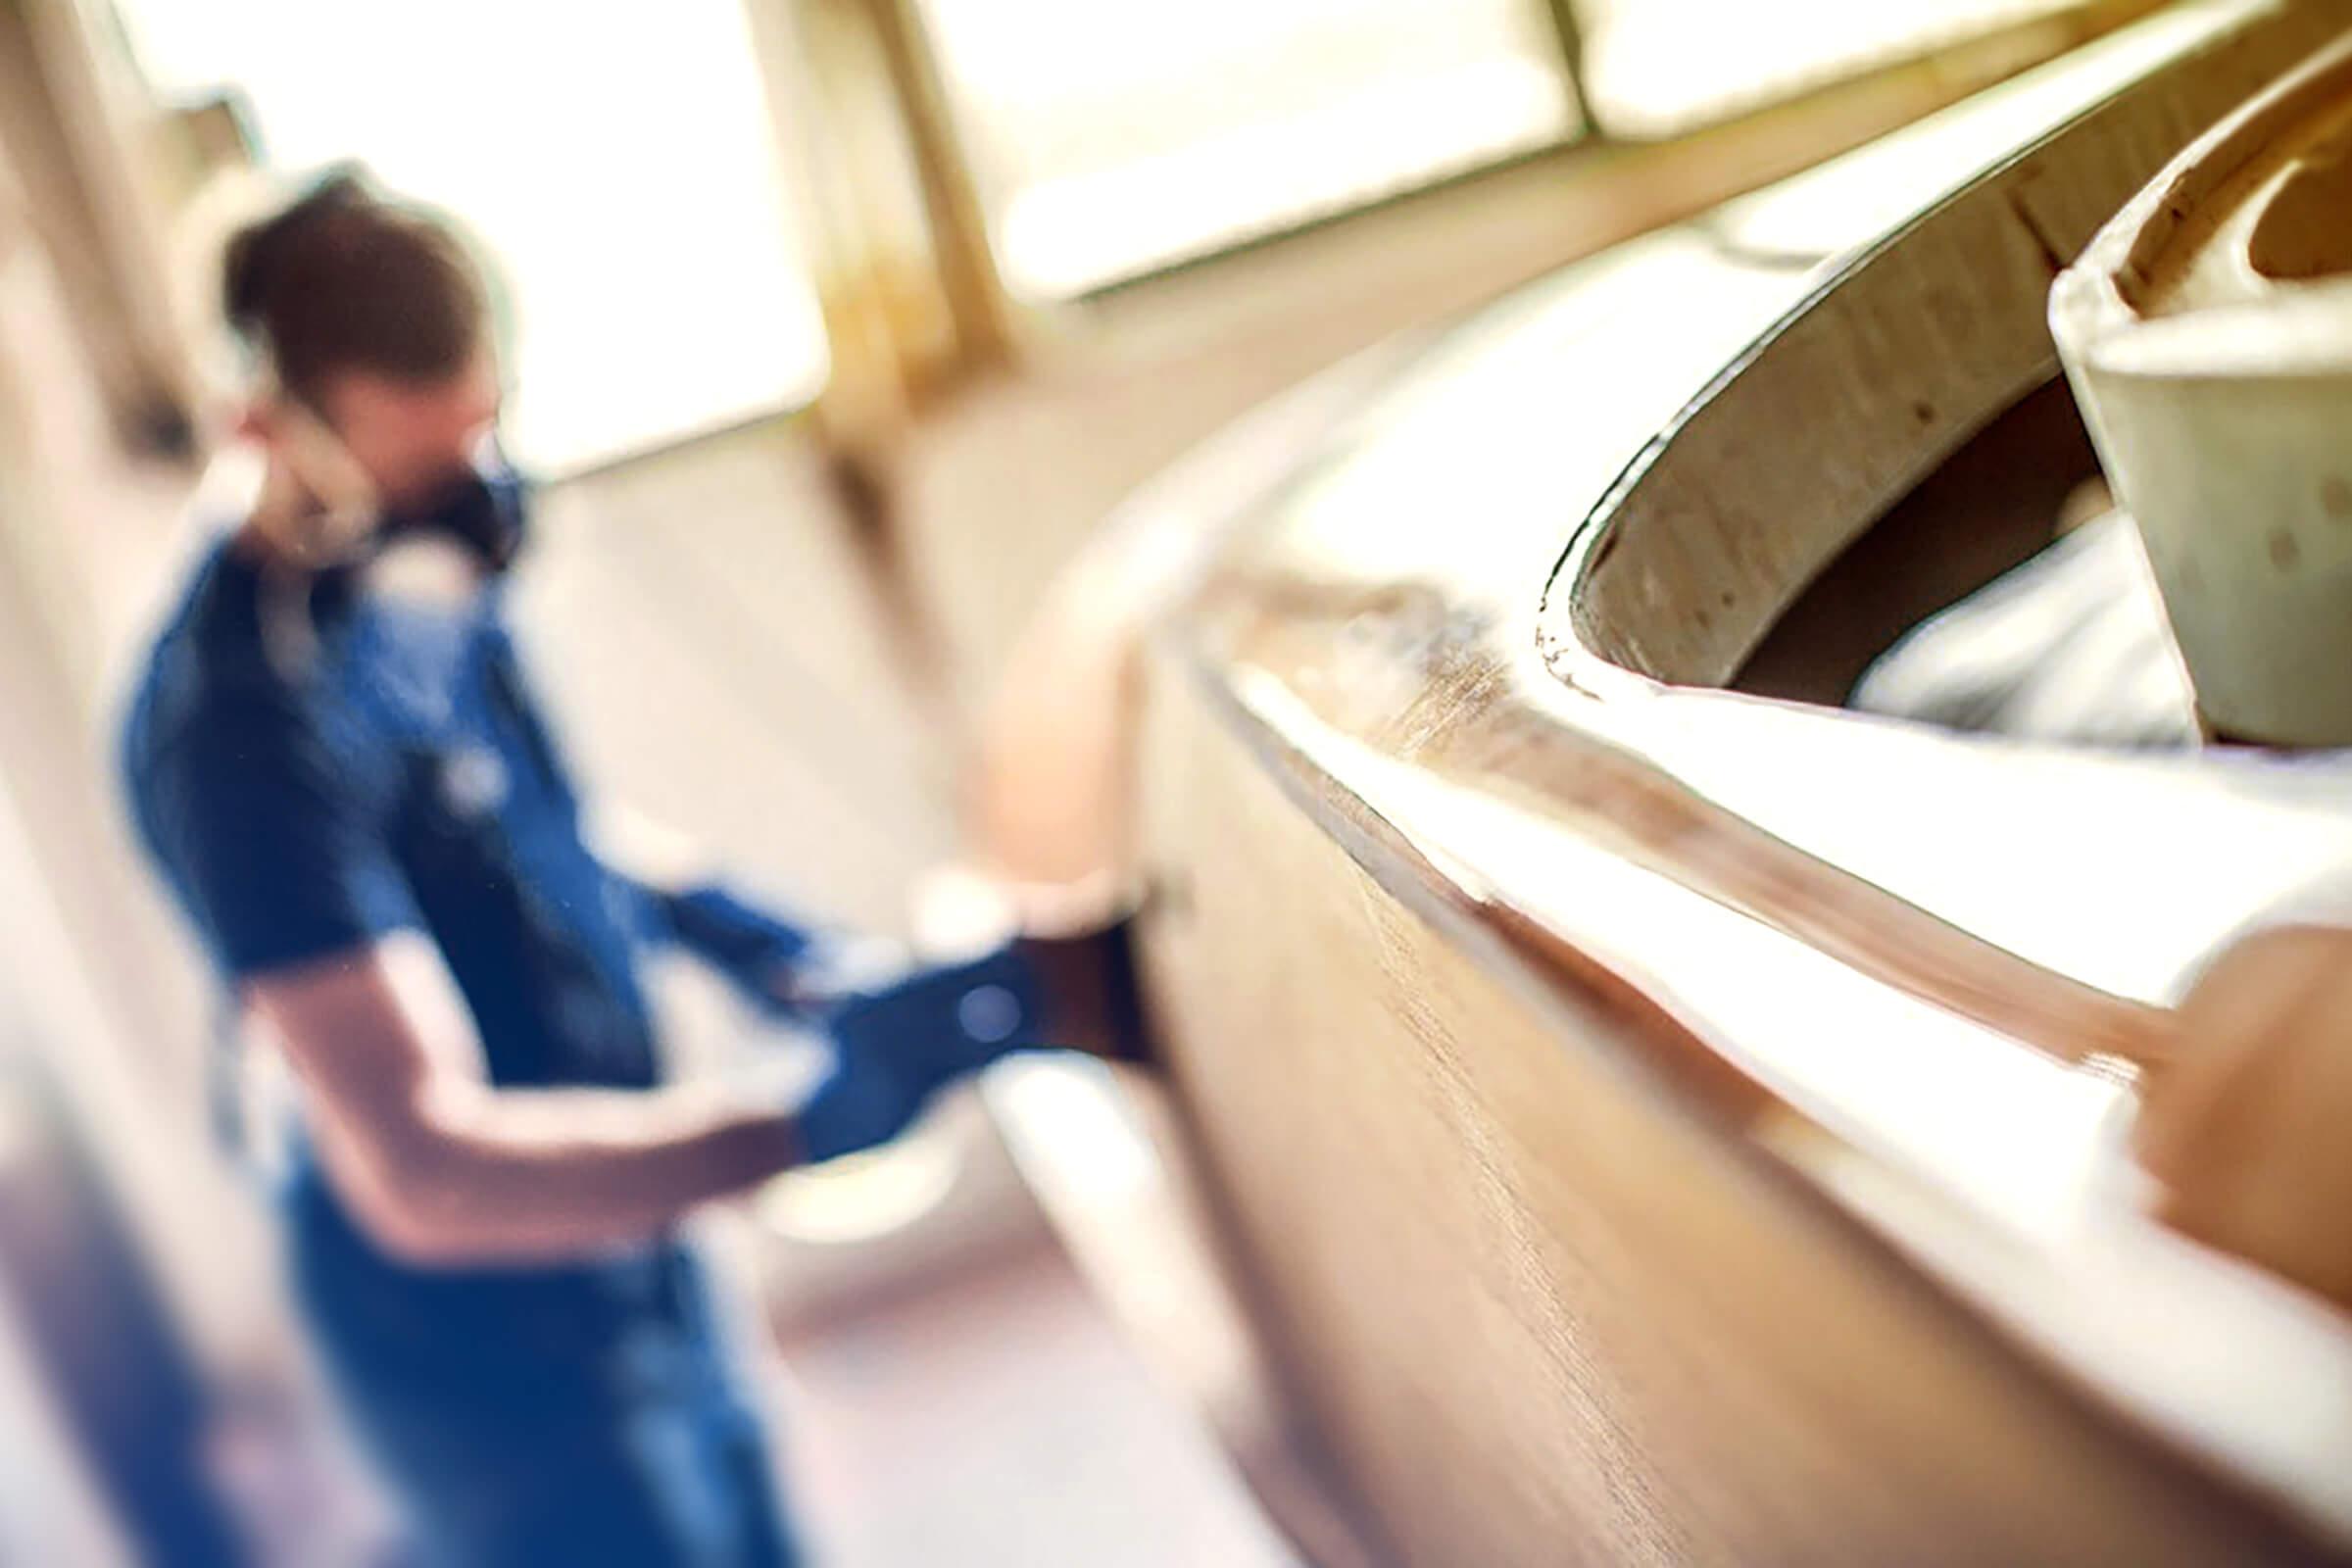 All repairs & carpentry